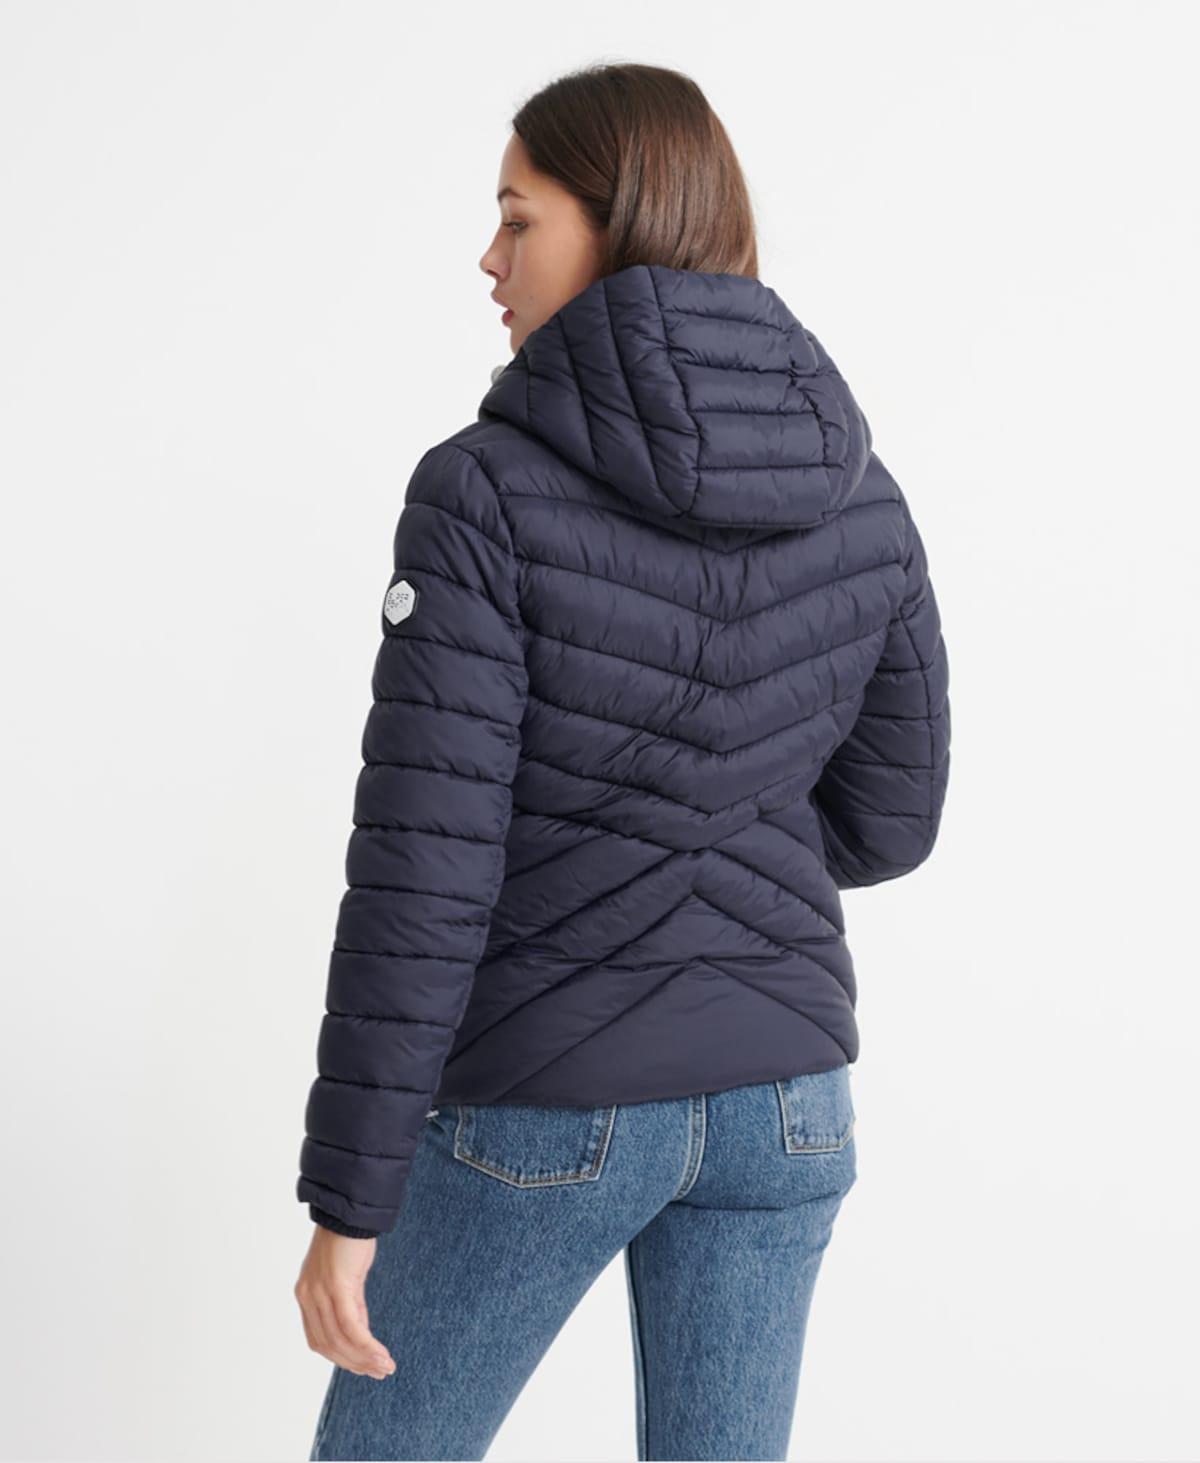 Beliebt Frauen Bekleidung Superdry Steppjacke 'Essentials Helio' in lila Zum Verkauf